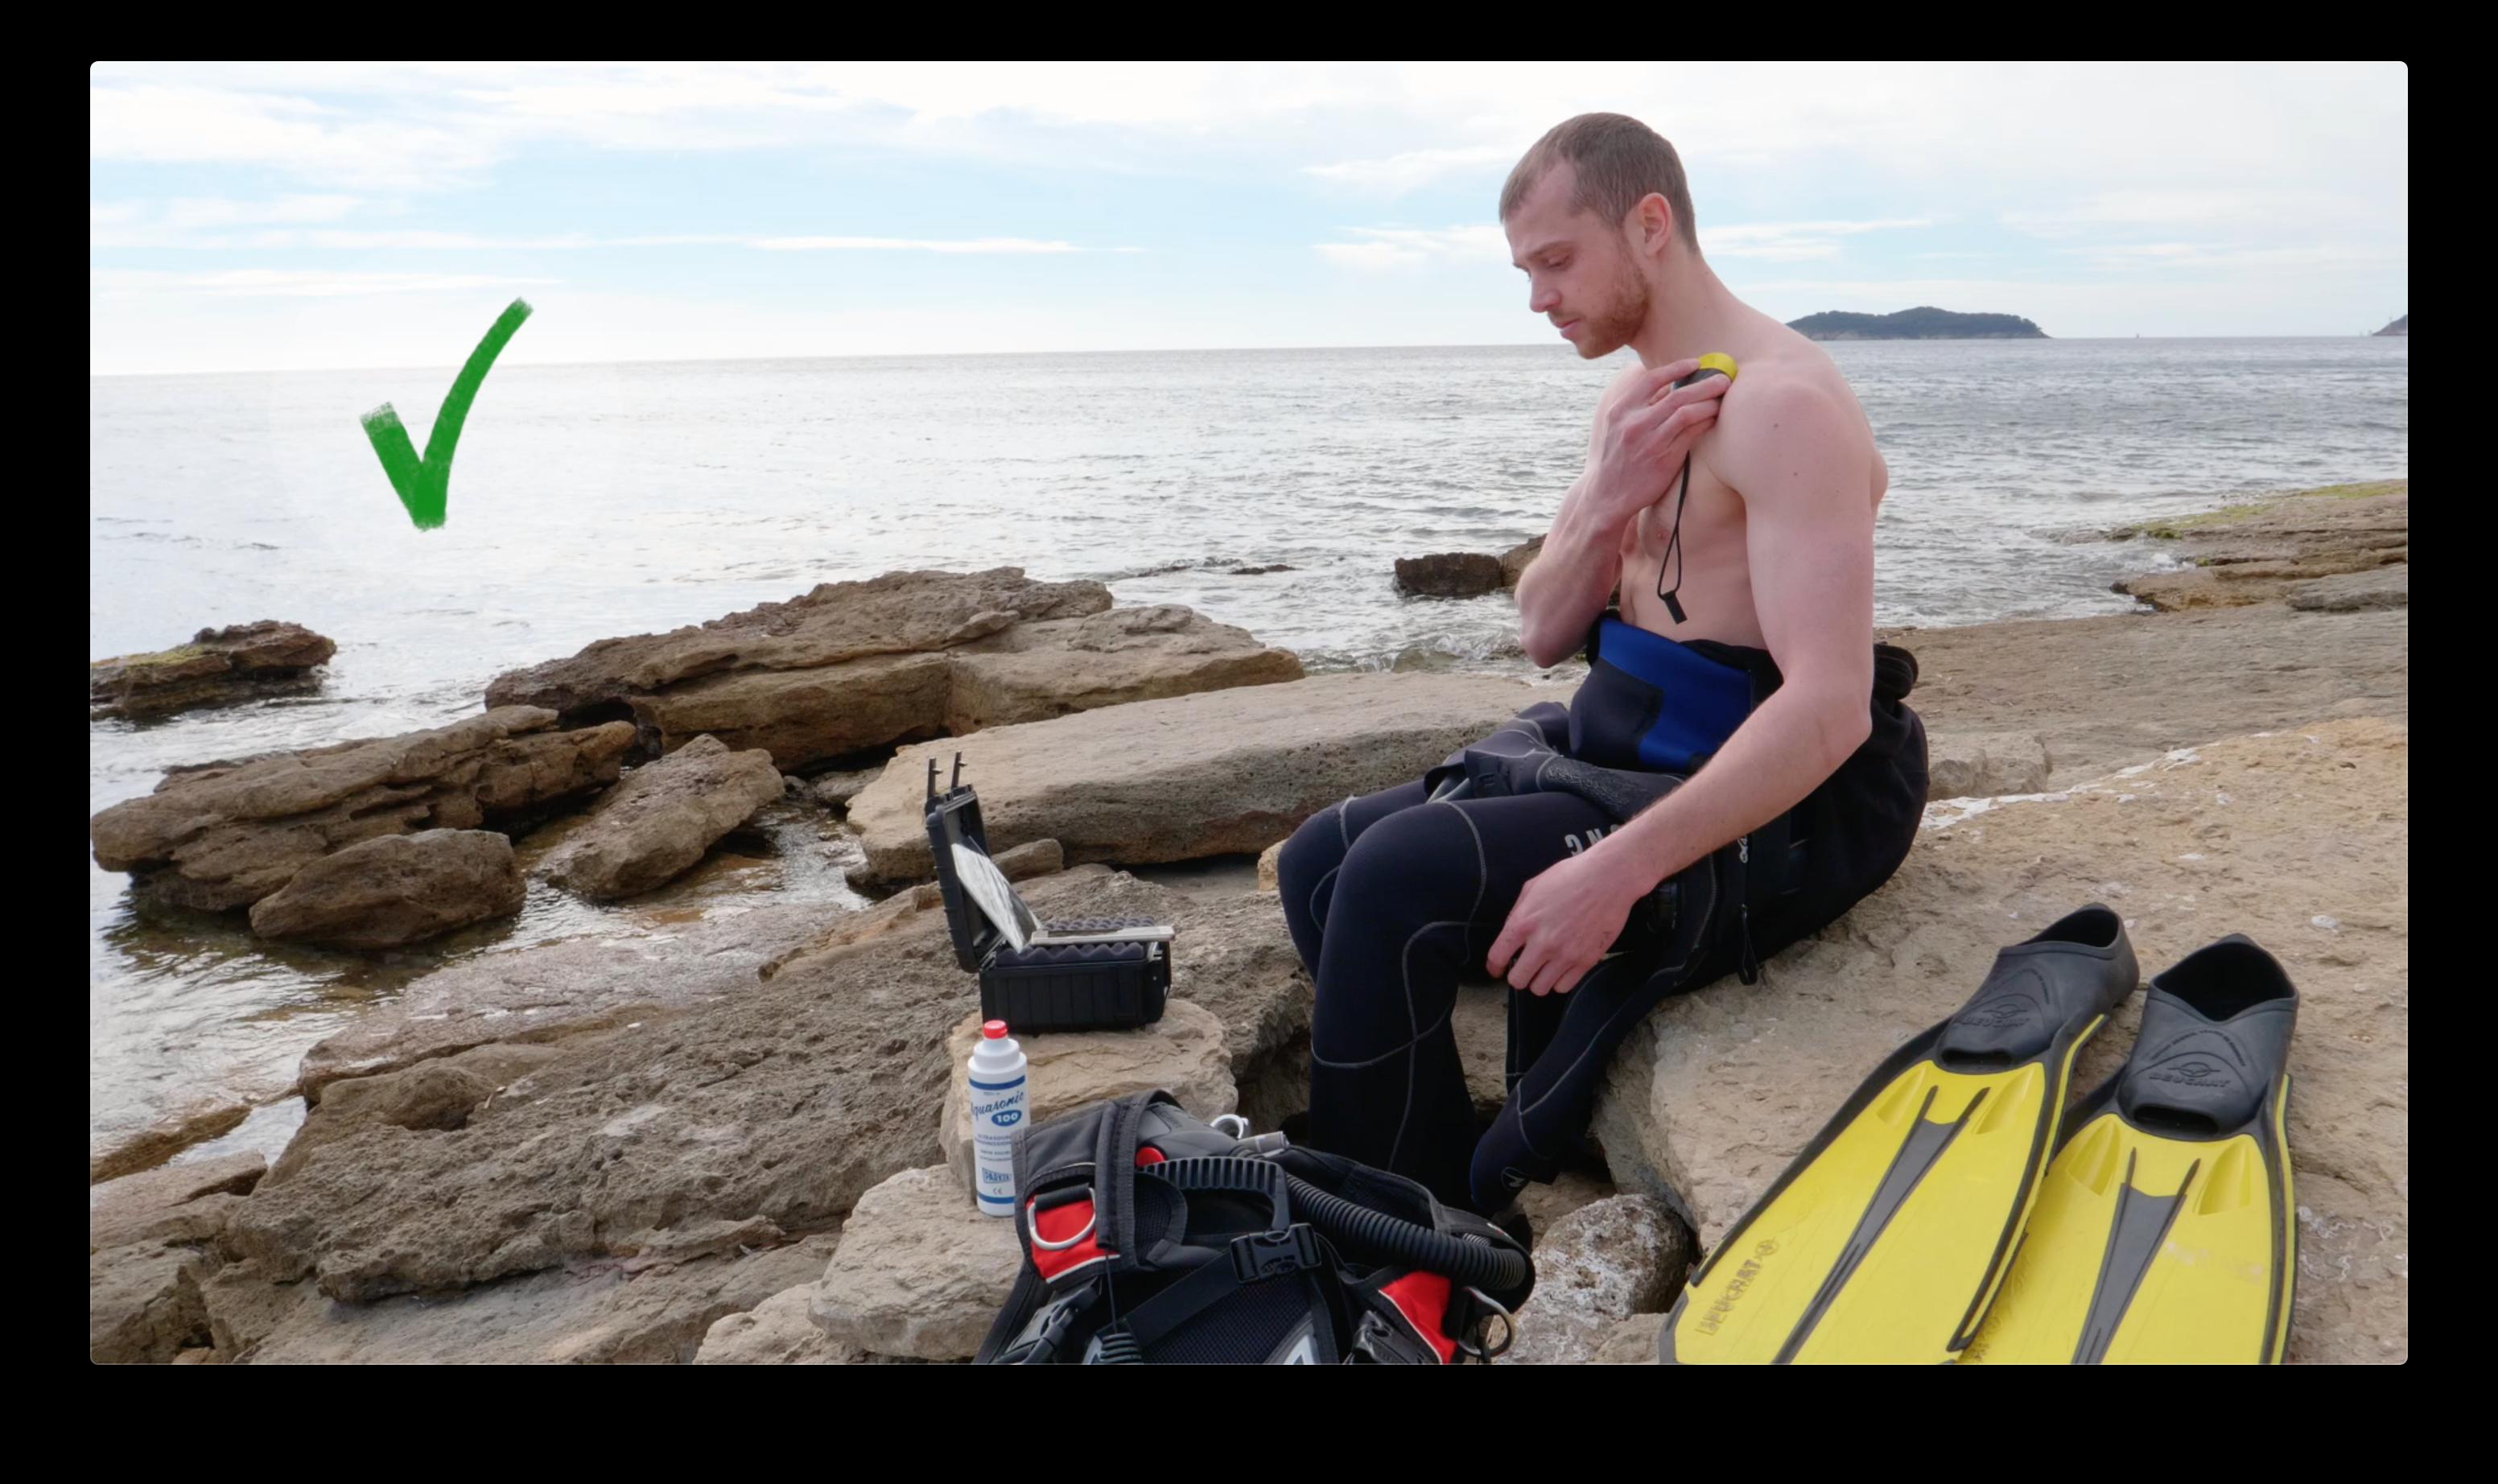 Diver testing O'dive dopler